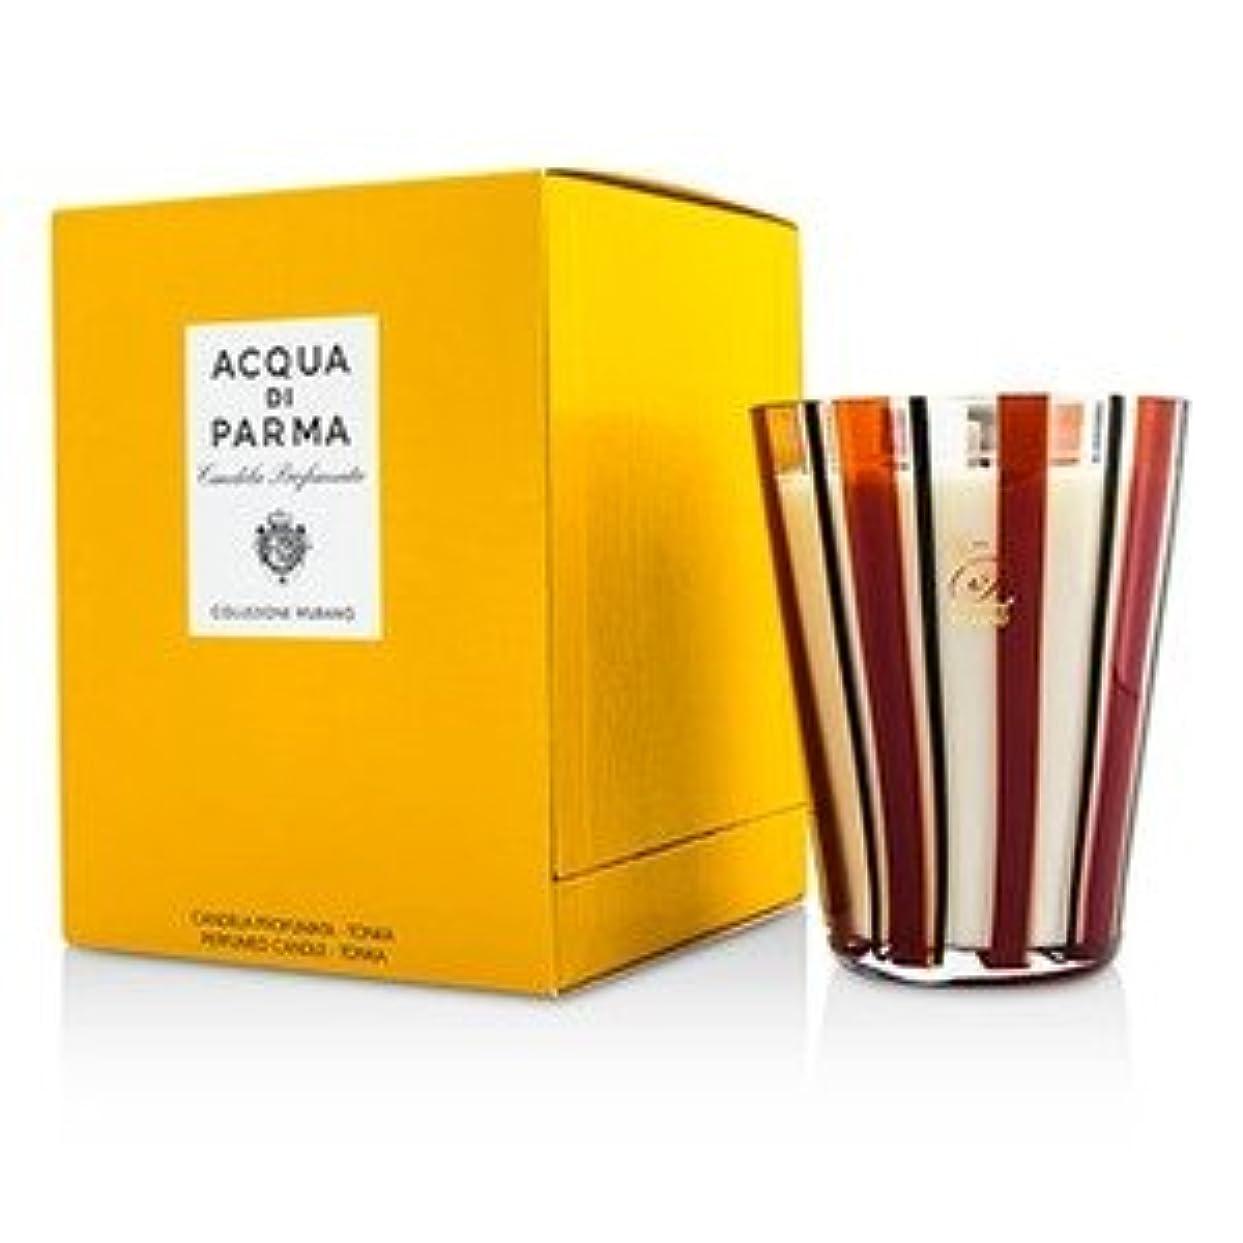 検査官移民すみませんアクア ディ パルマ[Acqua Di Parma] ムラノ グラス パフューム キャンドル - Tonka 200g/7.05oz [並行輸入品]